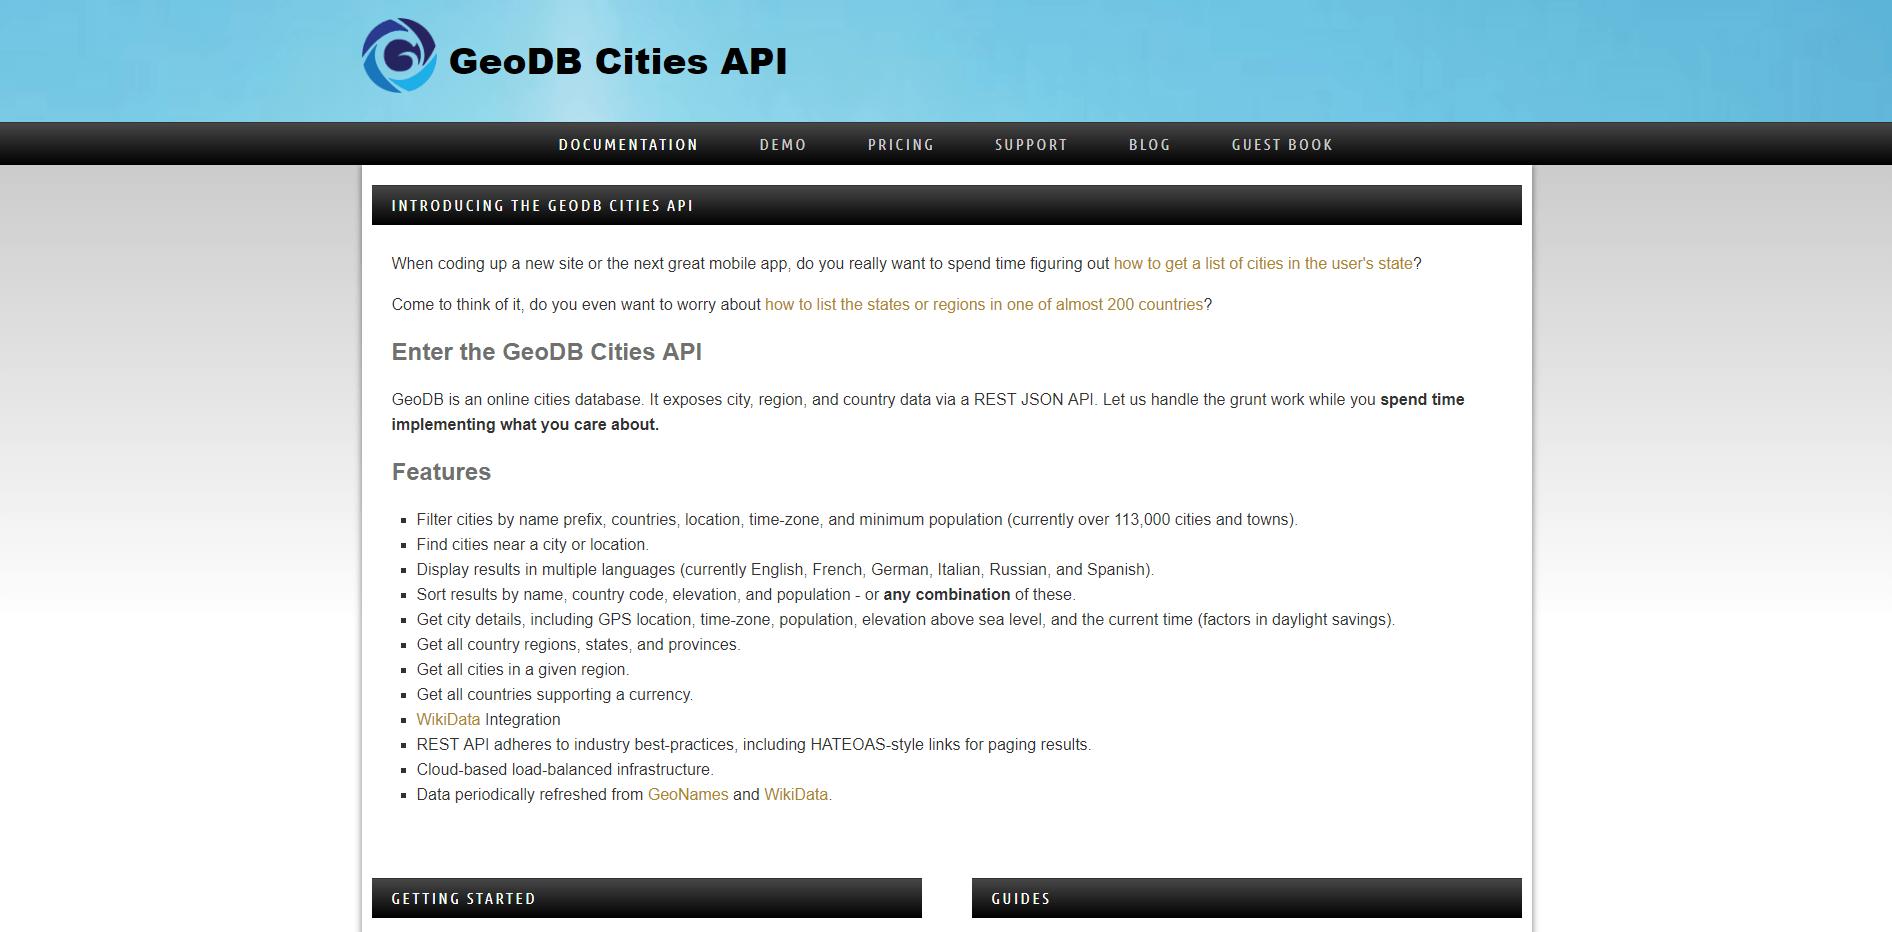 geoDB cities API on RapidAPI